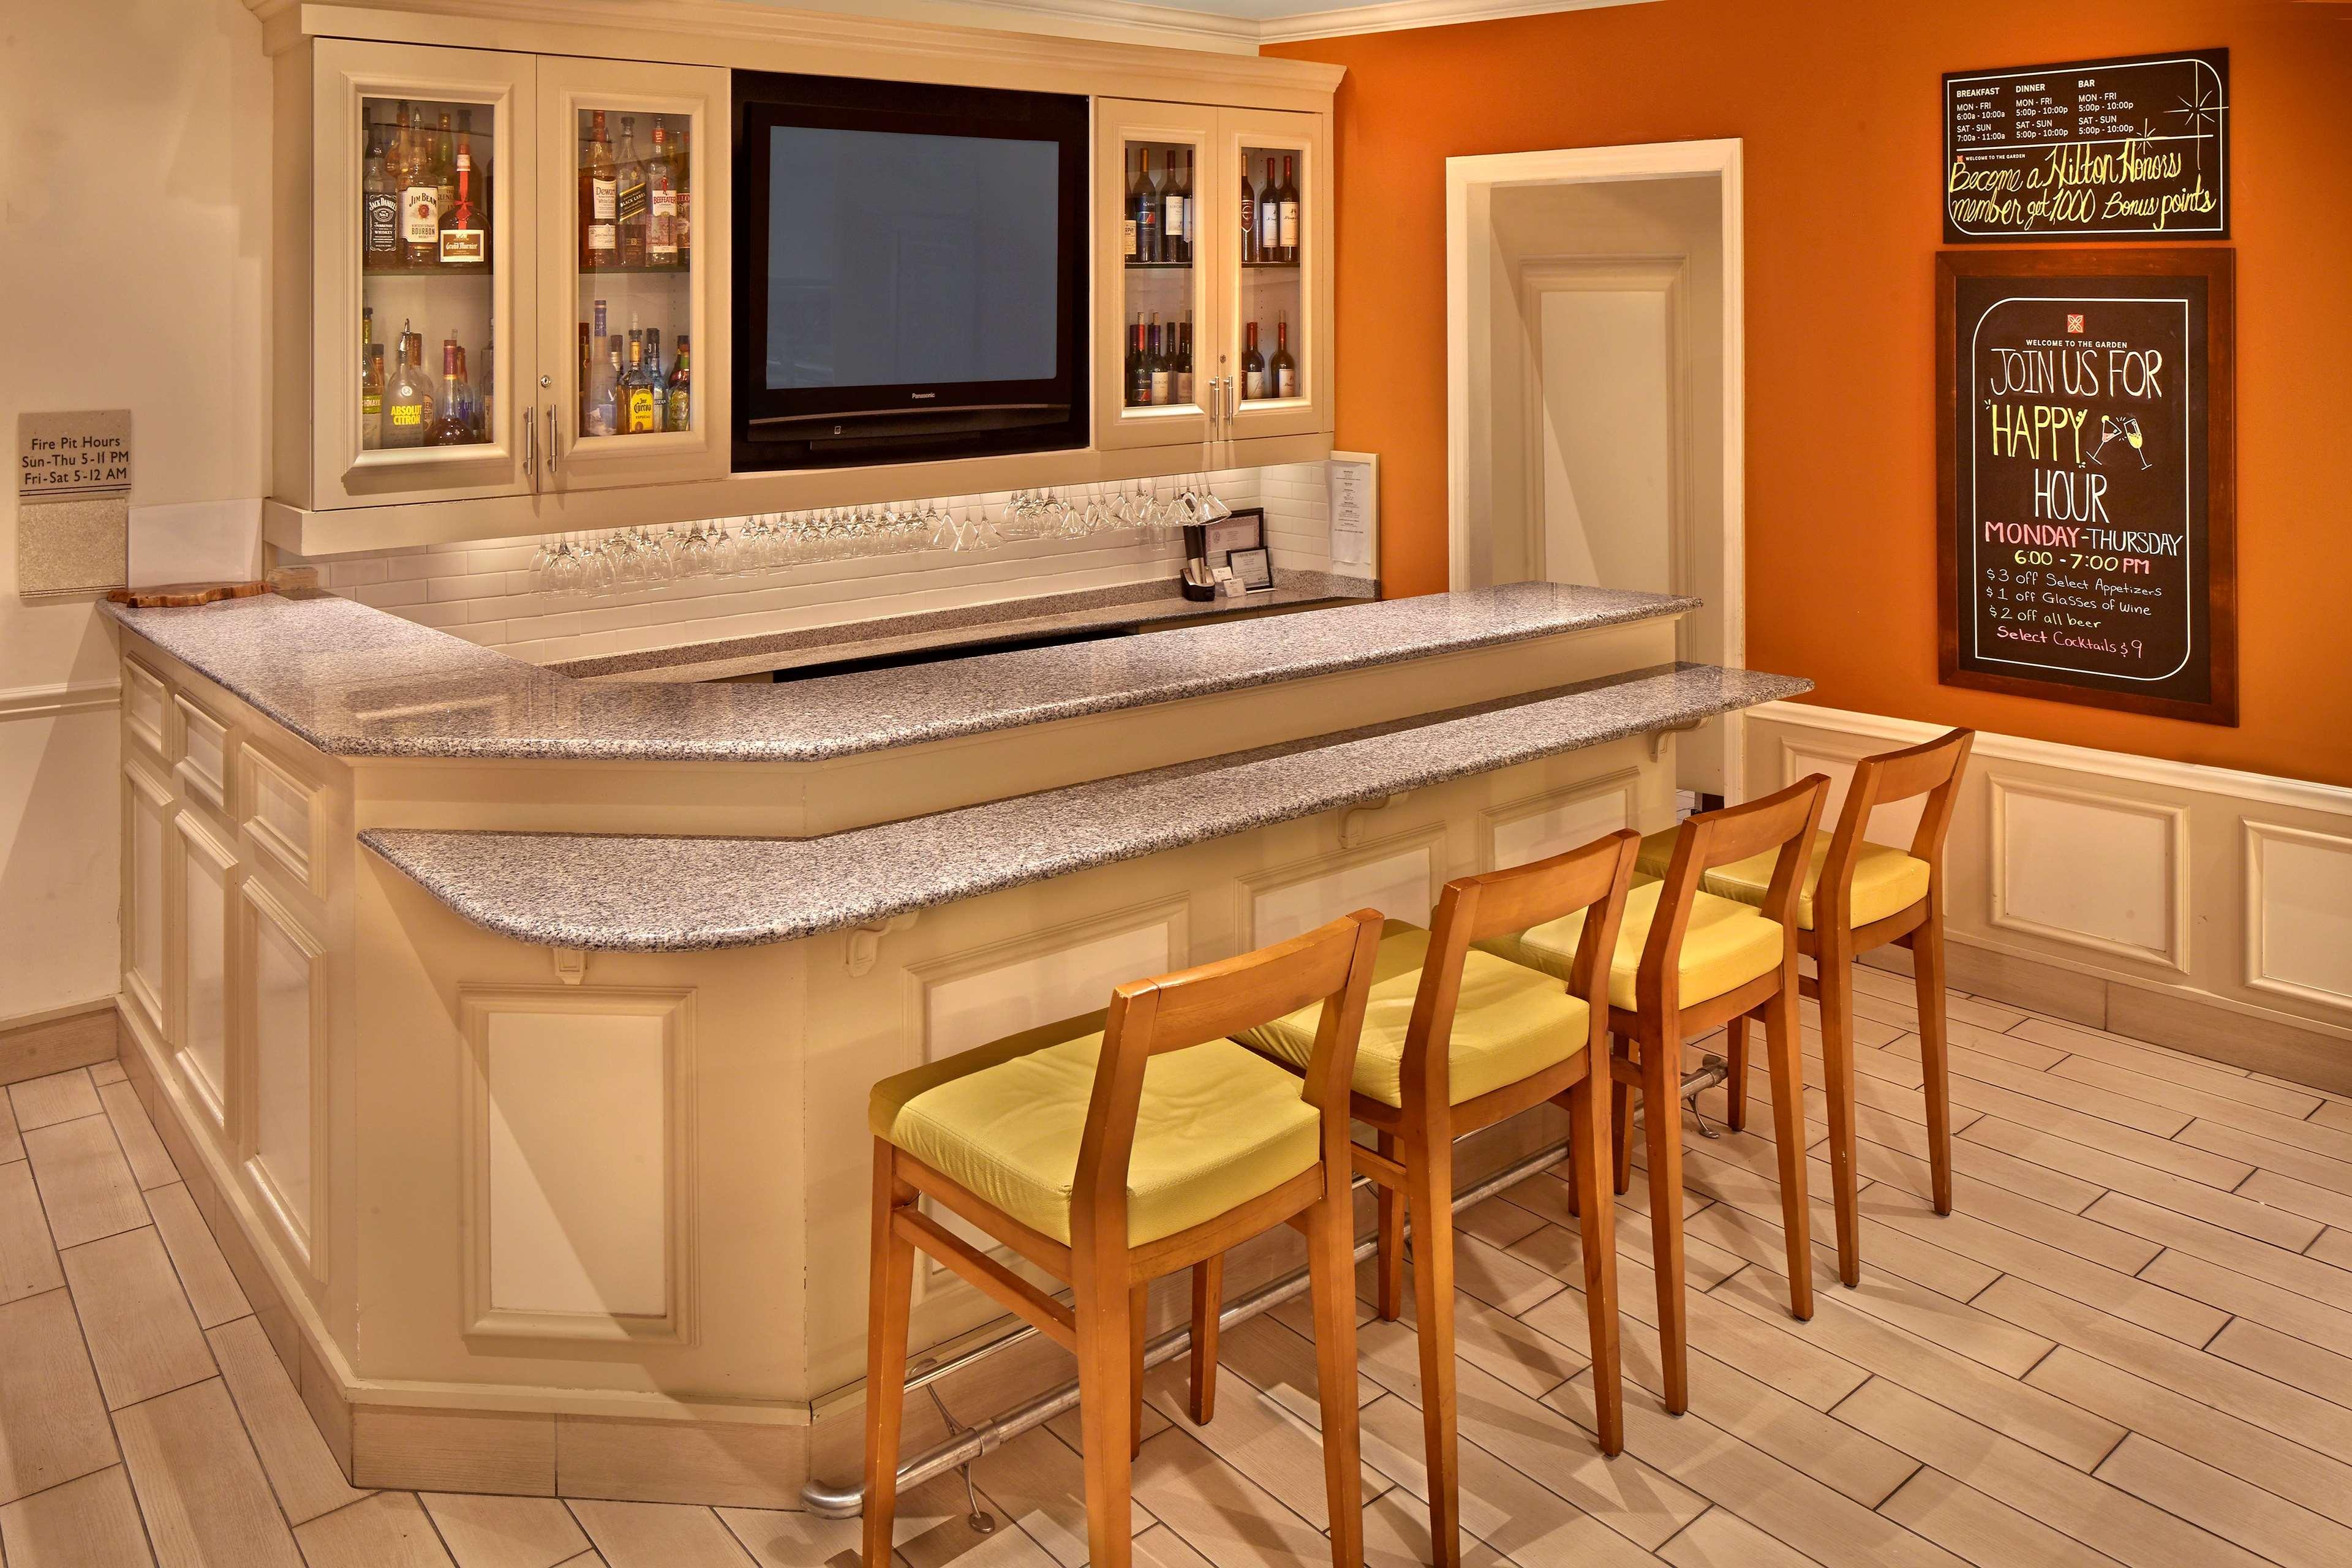 Hilton Garden Inn Danbury image 40